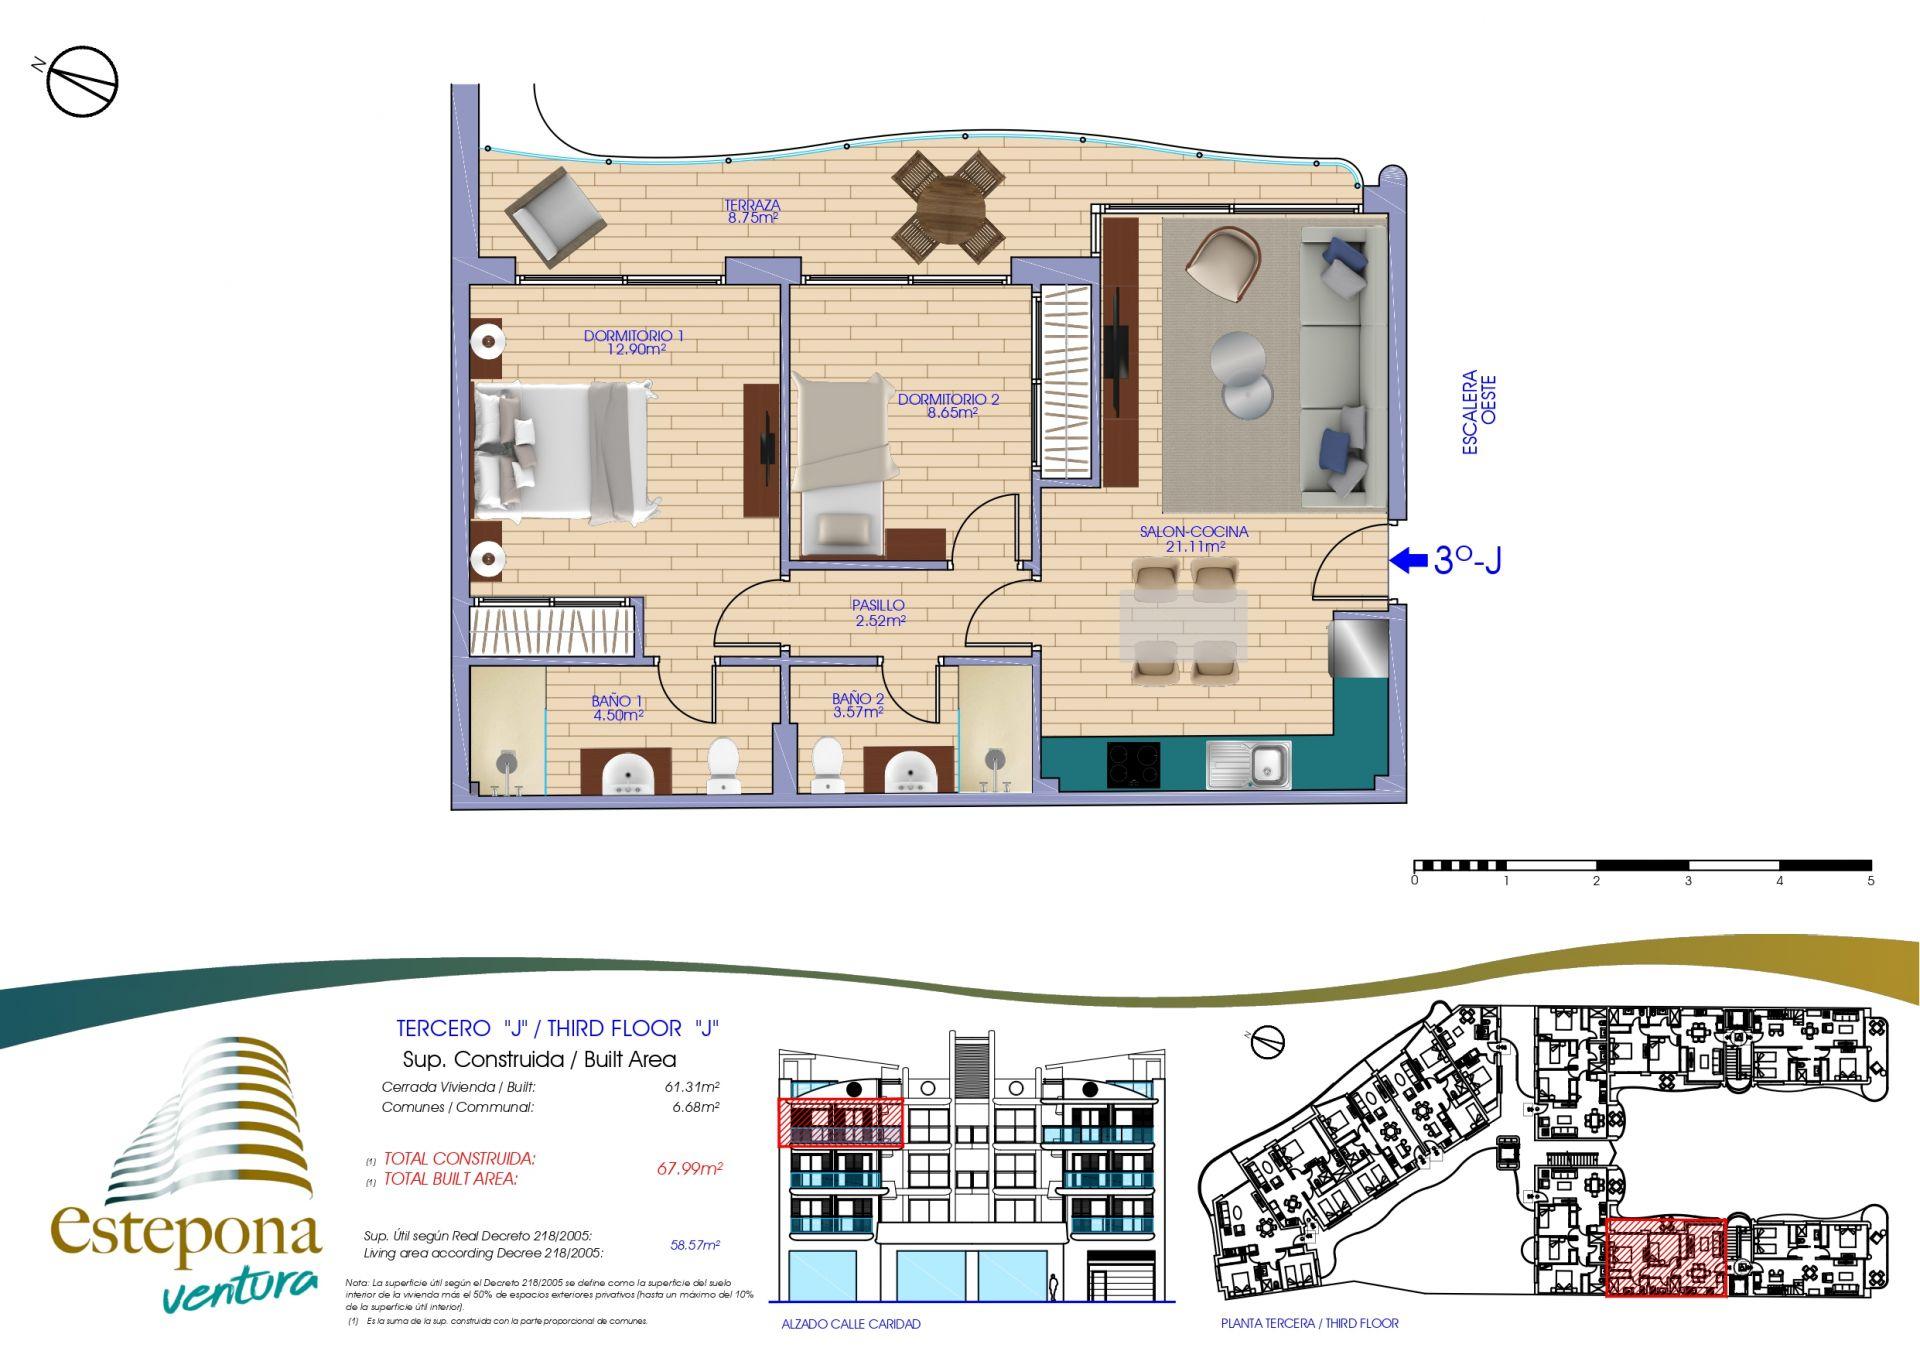 20200527 PLANOS DE VENTAS pages to jpg 0037 - Ventura Estepona | Compra de casa en Estepona